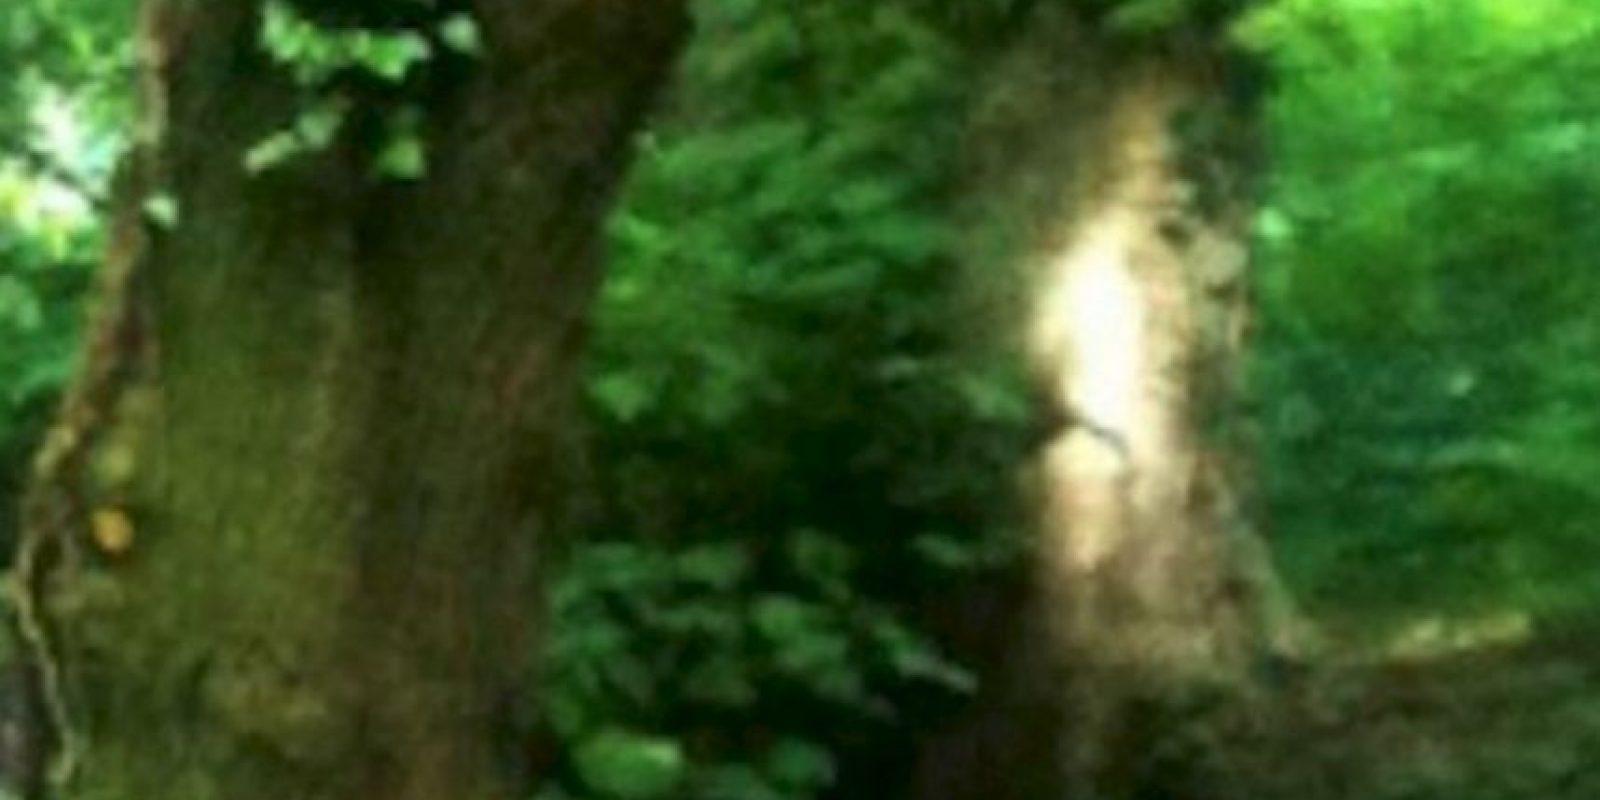 6. Elaine Steward, de 65 años, se llevó una gran sopresa al descubrir algo insólito en una de las fotos que tomó mientras realizaba una caminata. Foto:Birminghamhistory